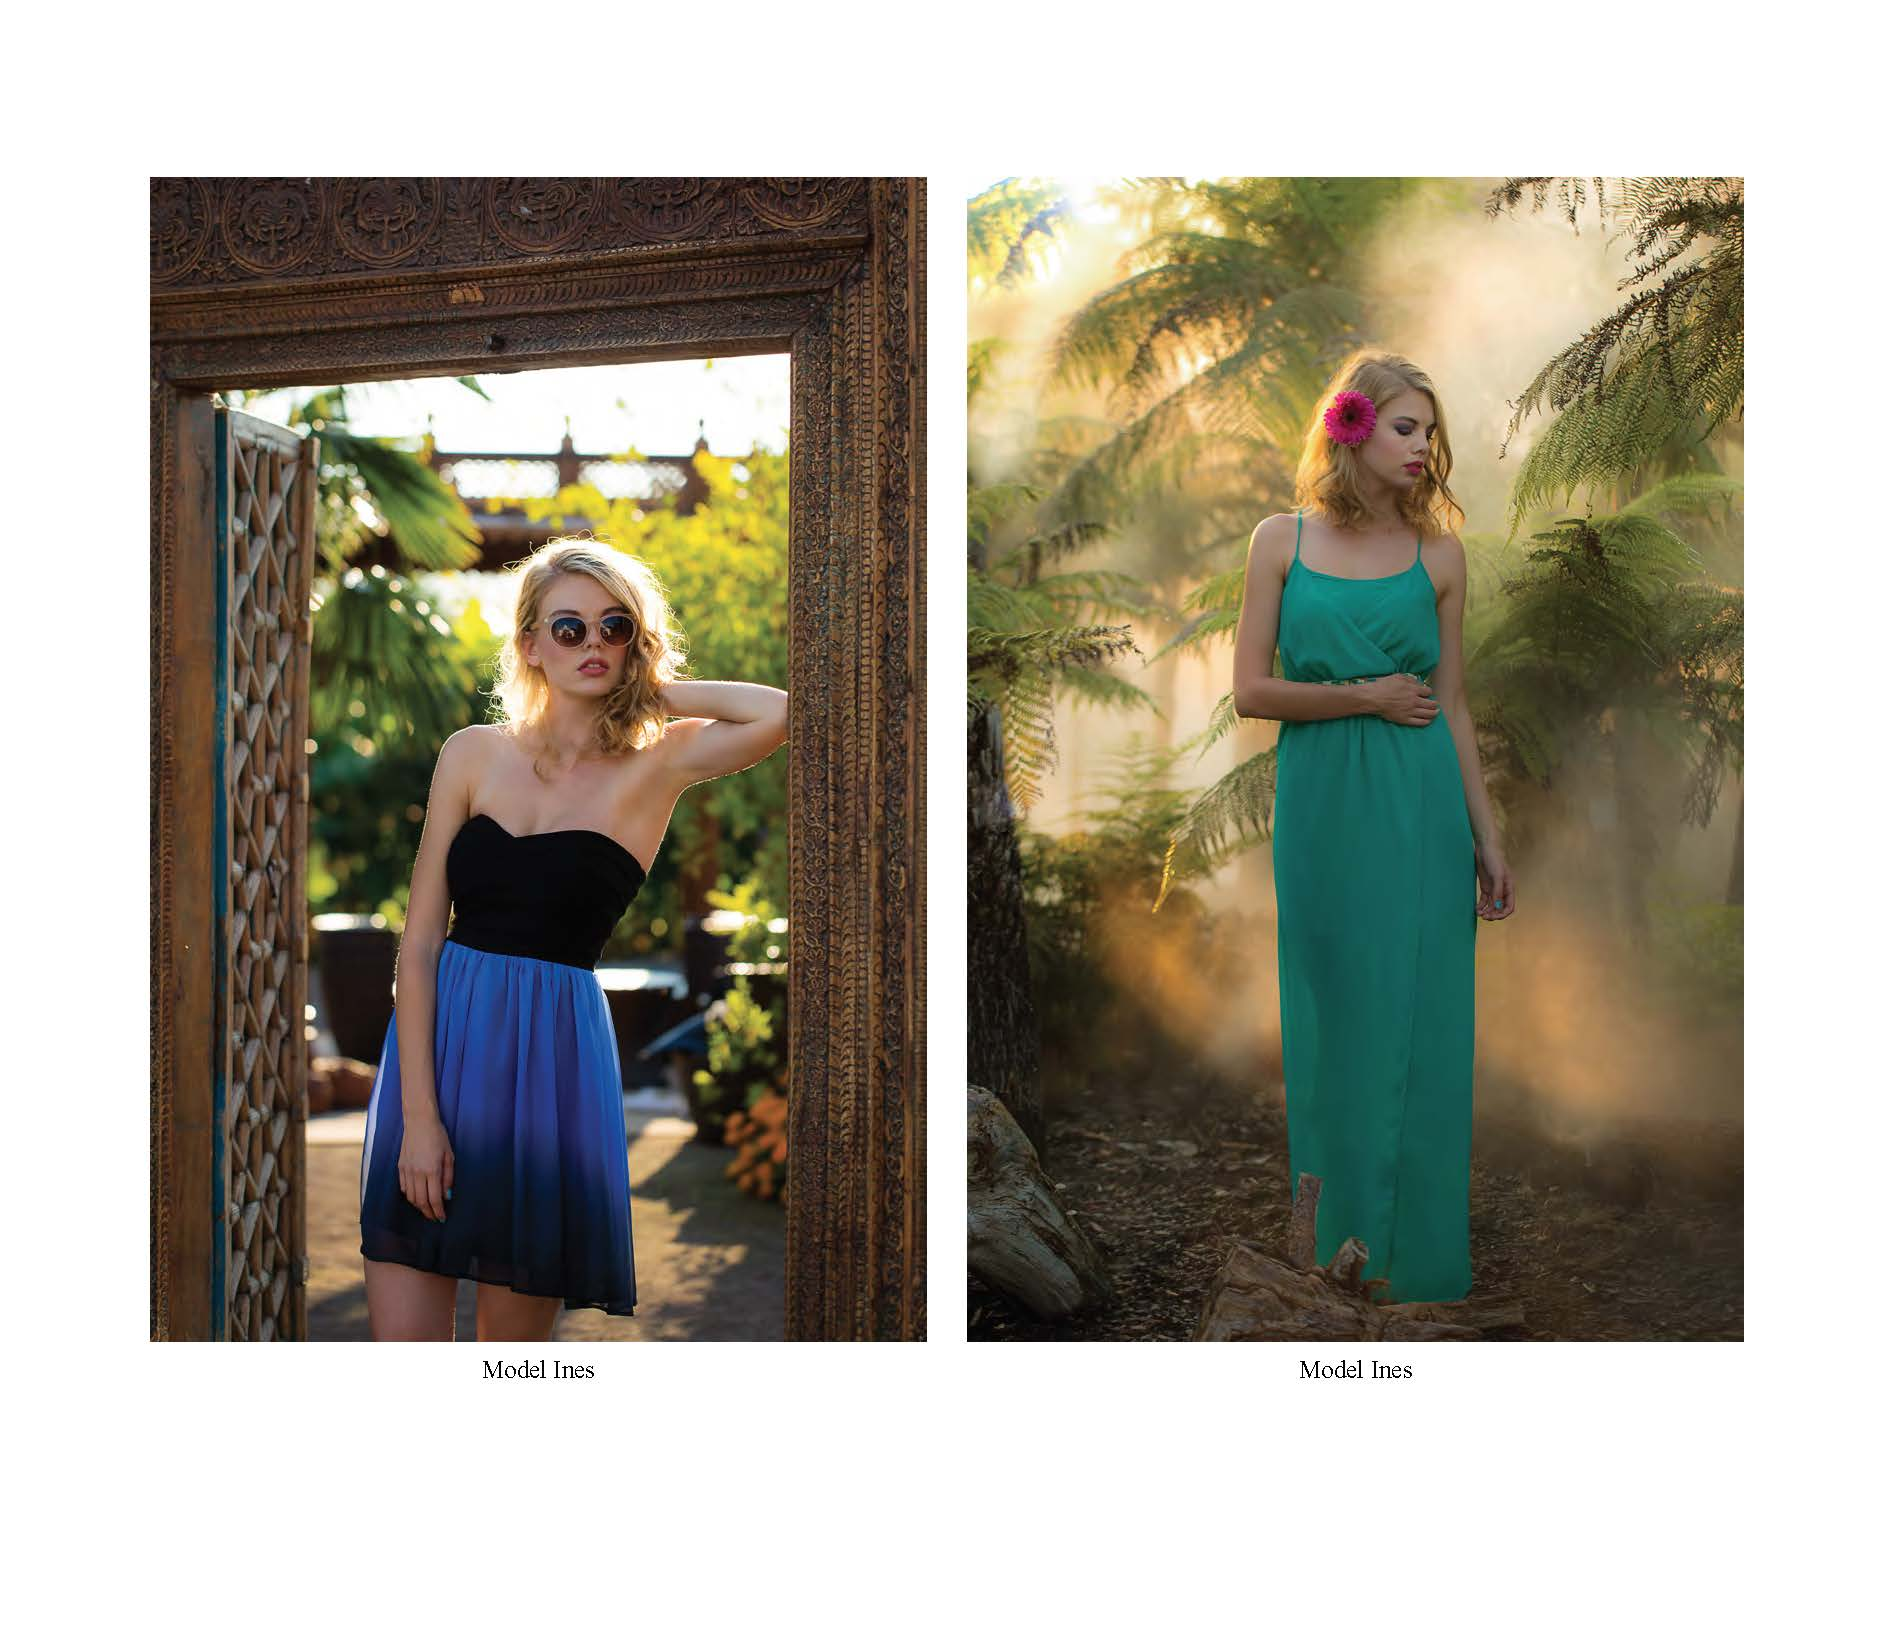 DFO8 Die Geschichte der Modefotografie _ Helga Mayer_Seite_091.jpg